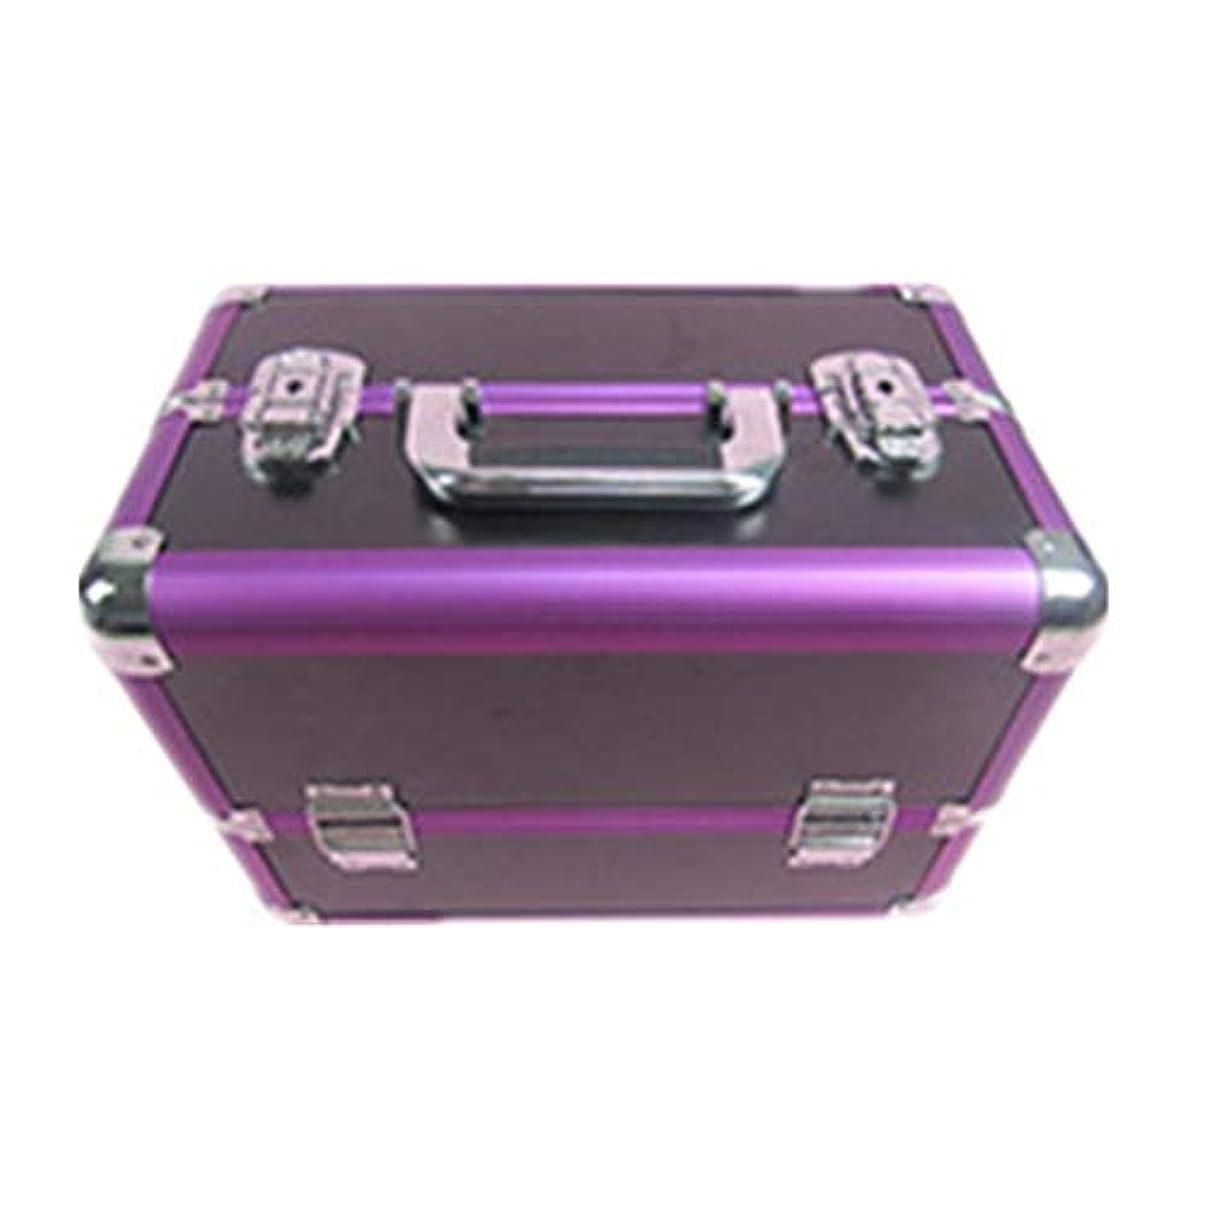 調和のとれたタンク高潔な化粧オーガナイザーバッグ 大容量ポータブル化粧ケース(トラベルアクセサリー用)シャンプーボディウォッシュパーソナルアイテム収納トレイ(エクステンショントレイ付) 化粧品ケース